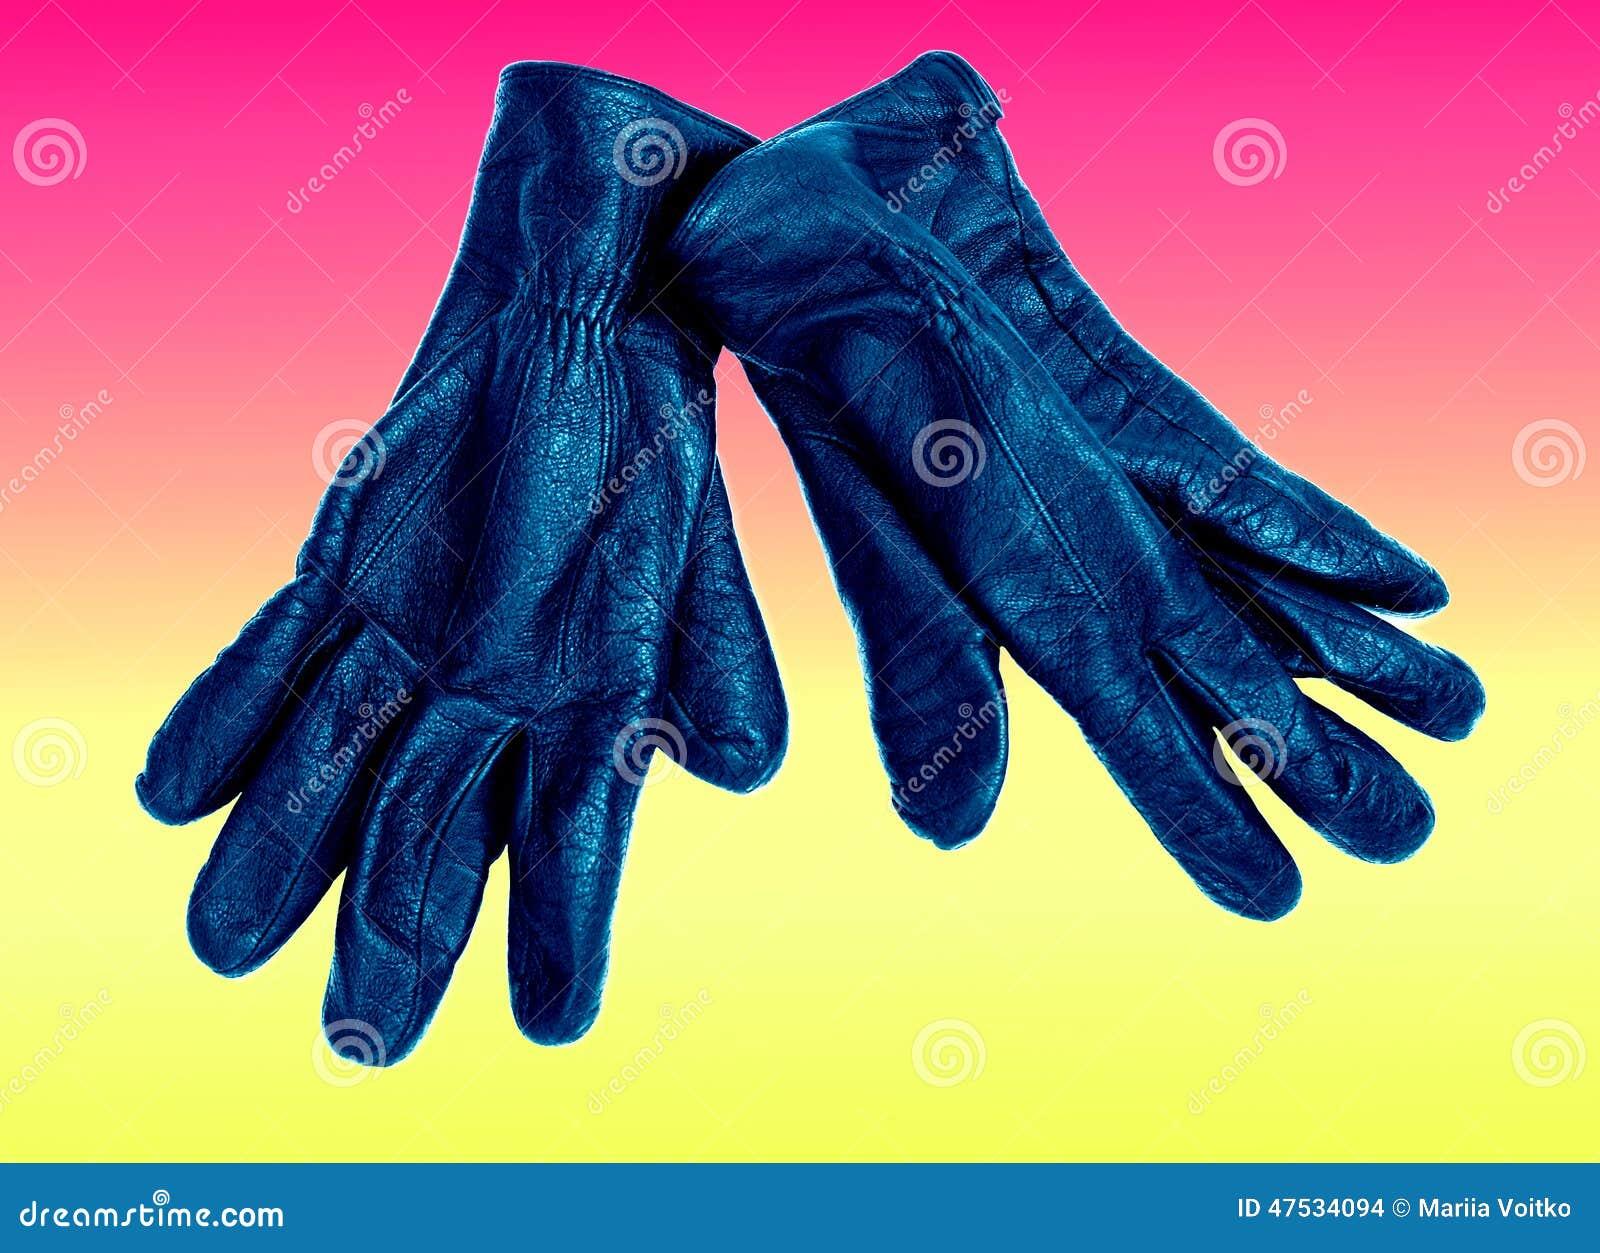 Czerni z błękitnymi rzemiennymi rękawiczkami odizolowywać na menchii i koloru żółtego tle